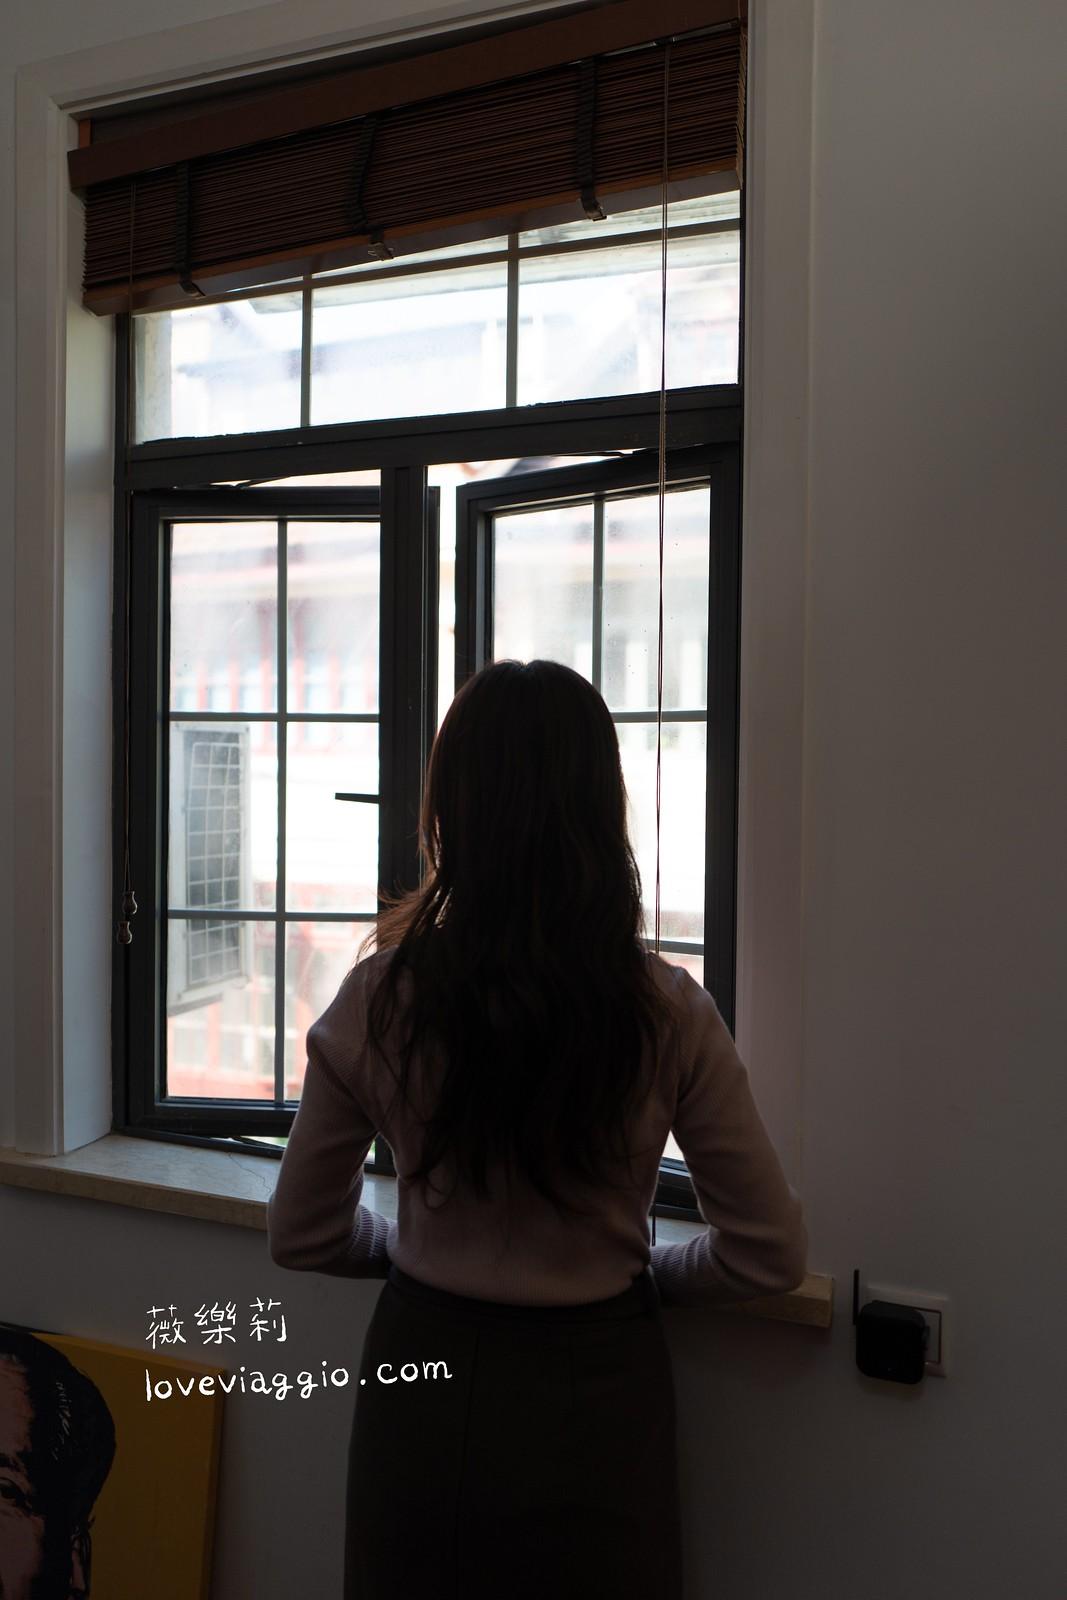 【上海 Shanghai】入住法租界百年洋房 漫步梧桐大道 迷人的二三十年代上海老時光 @薇樂莉 Love Viaggio | 旅行.生活.攝影